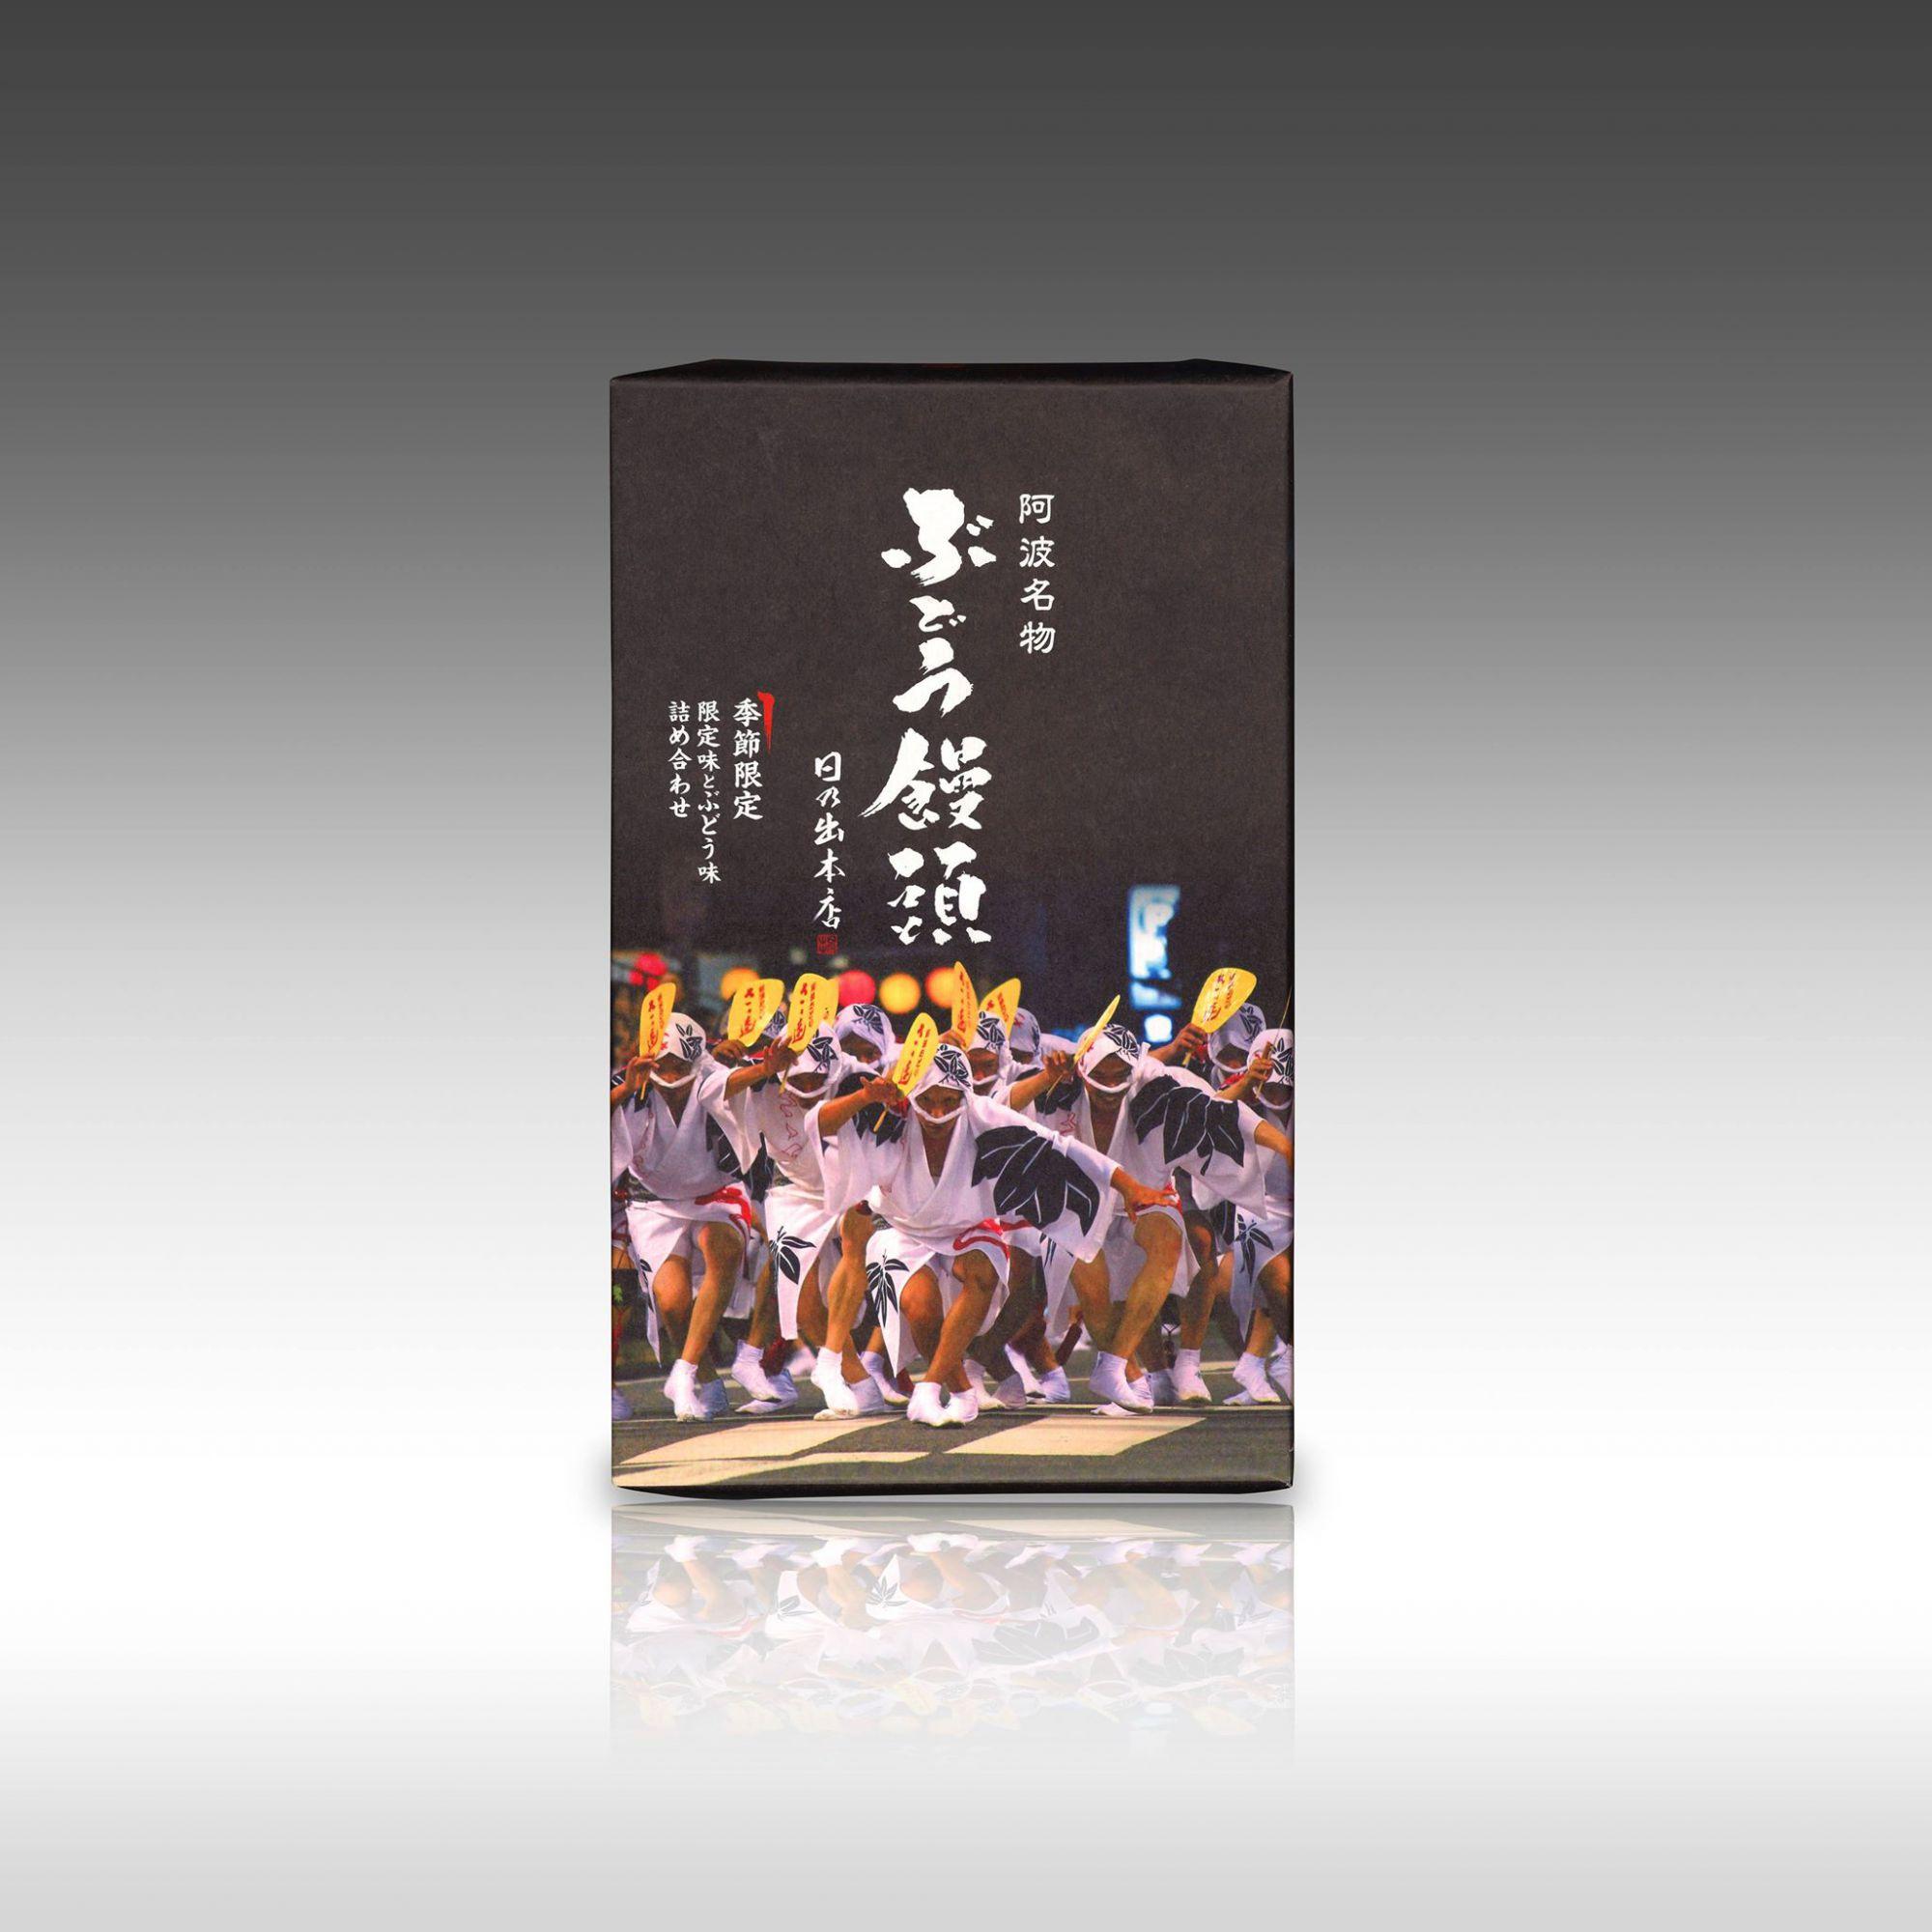 【ぶどう饅頭に「阿波踊り期間限定パッケージ」登場】